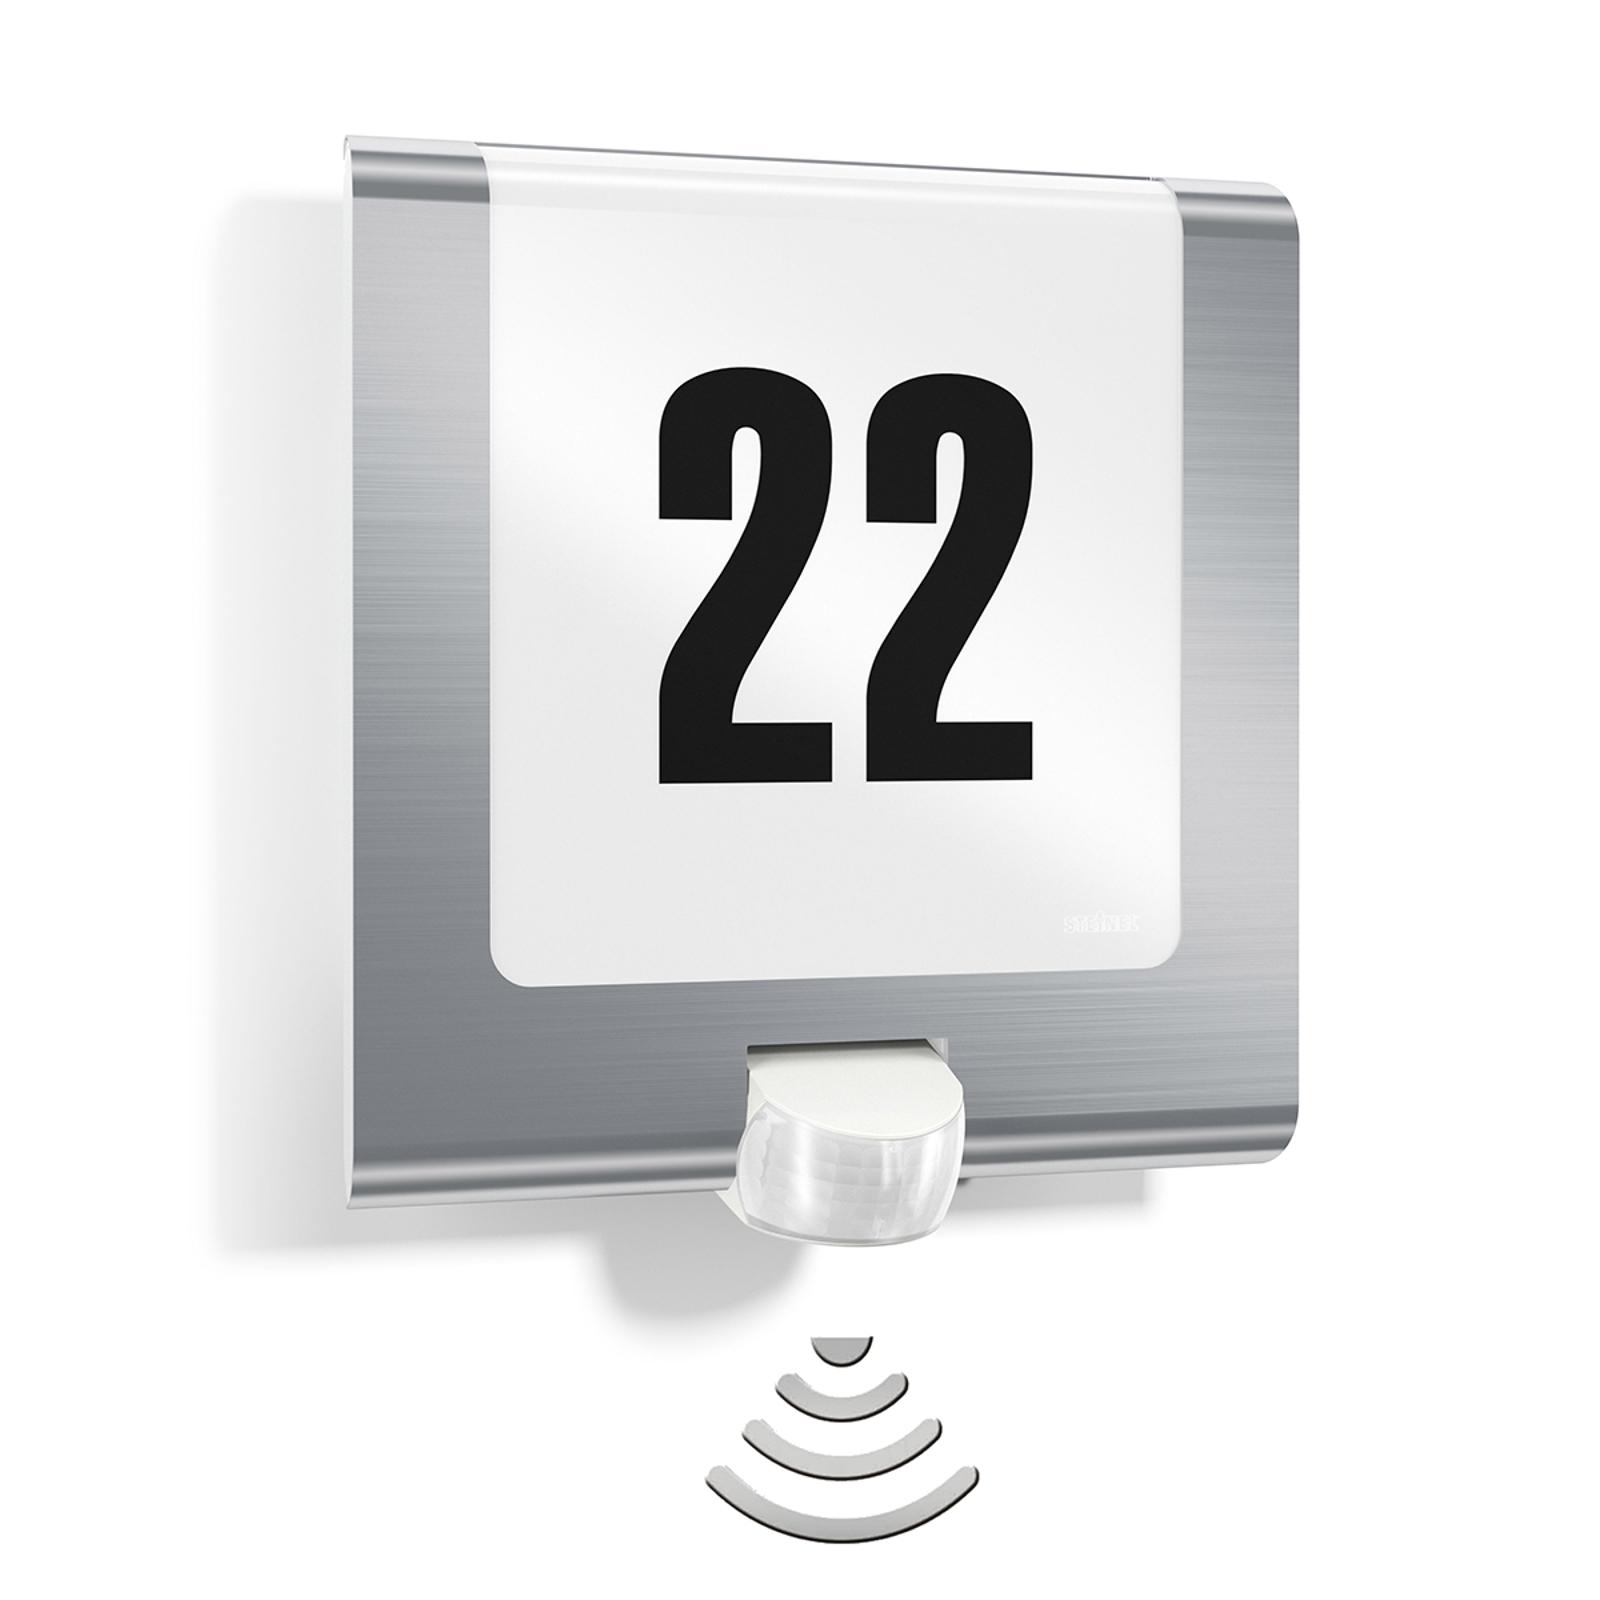 Lampada STEINEL L220 per numeri civici con sensore